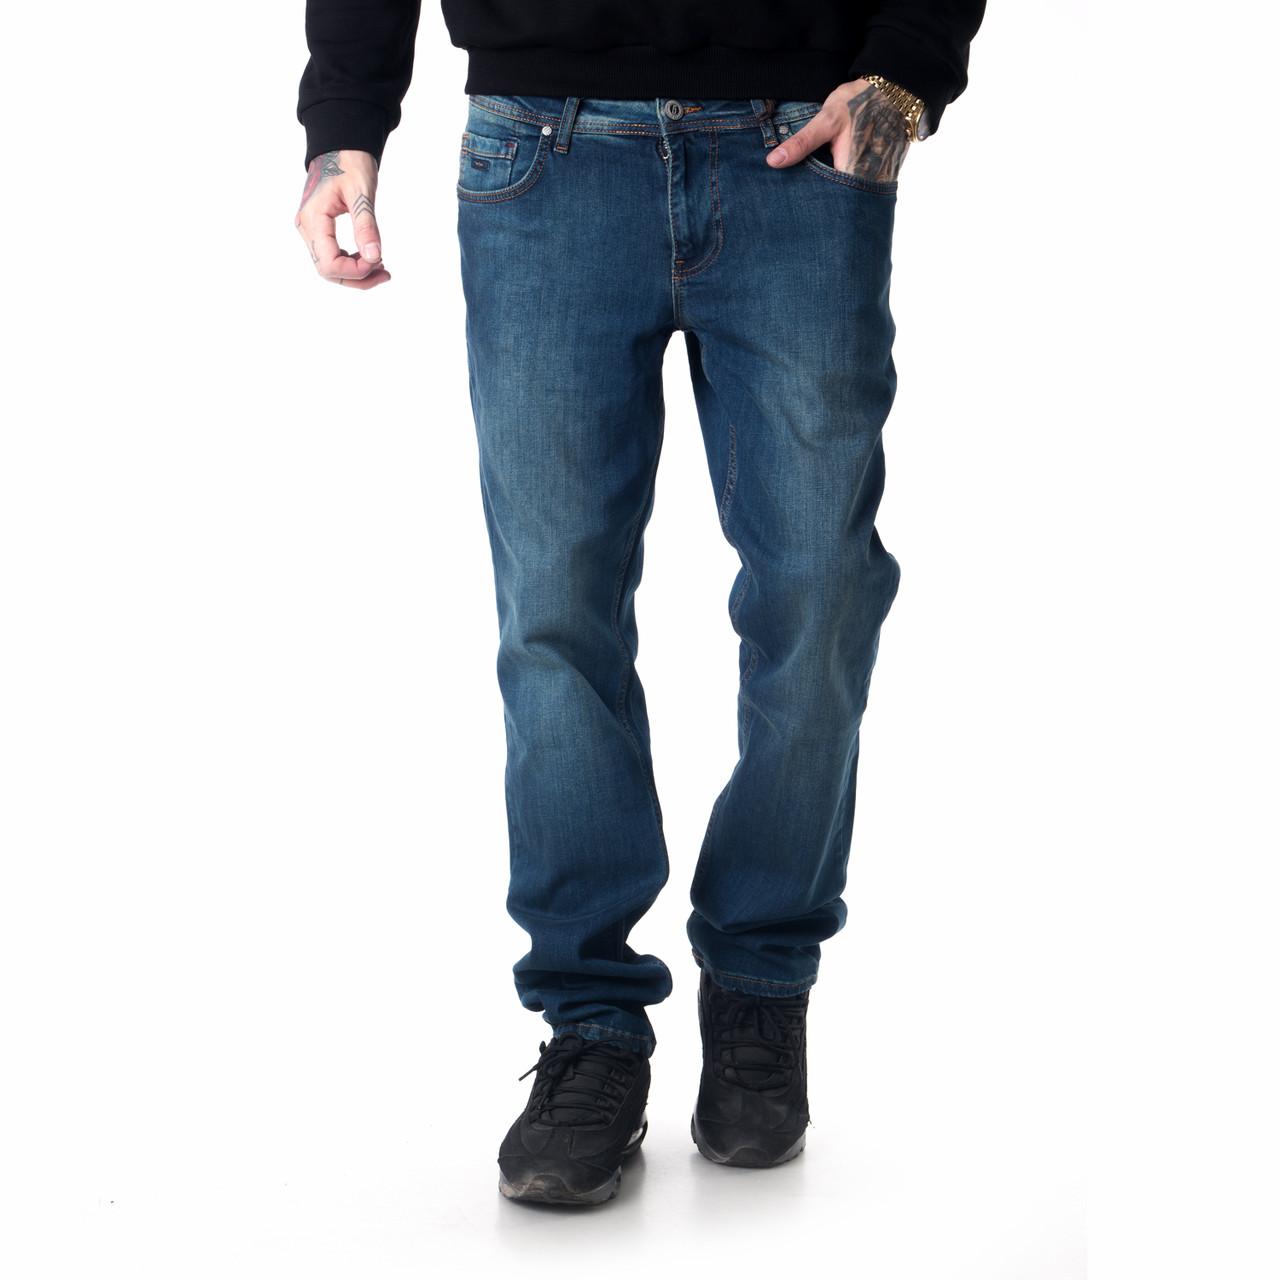 c81918a8e3b Мужские джинсы для высоких мужчин L  36